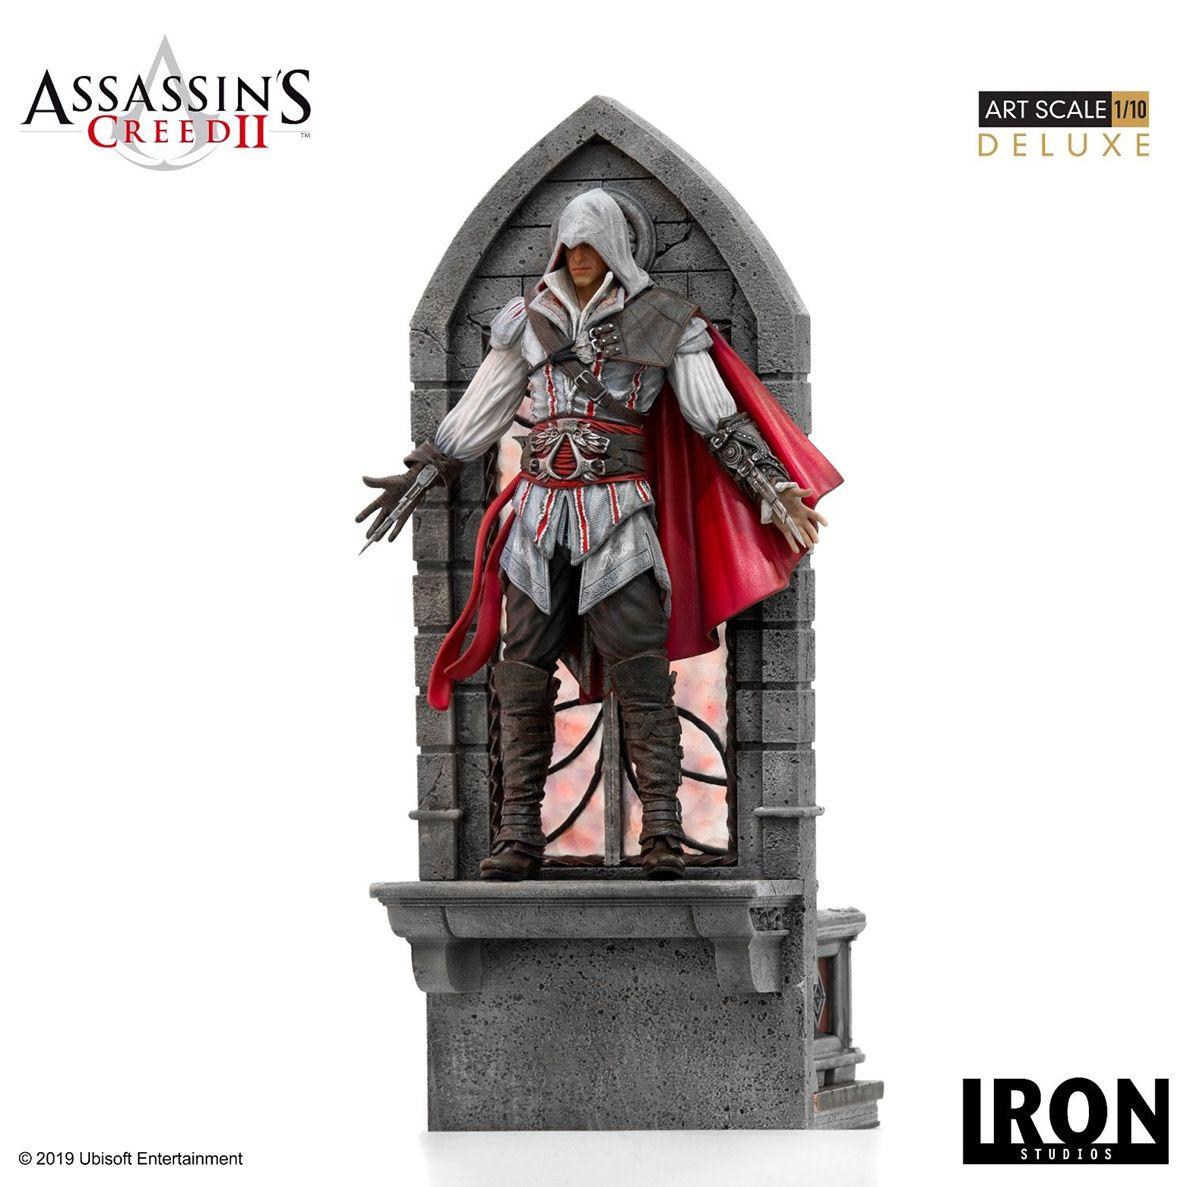 Assassin's Creed 2 Deluxe Ezio Auditore 110 Scale Statue